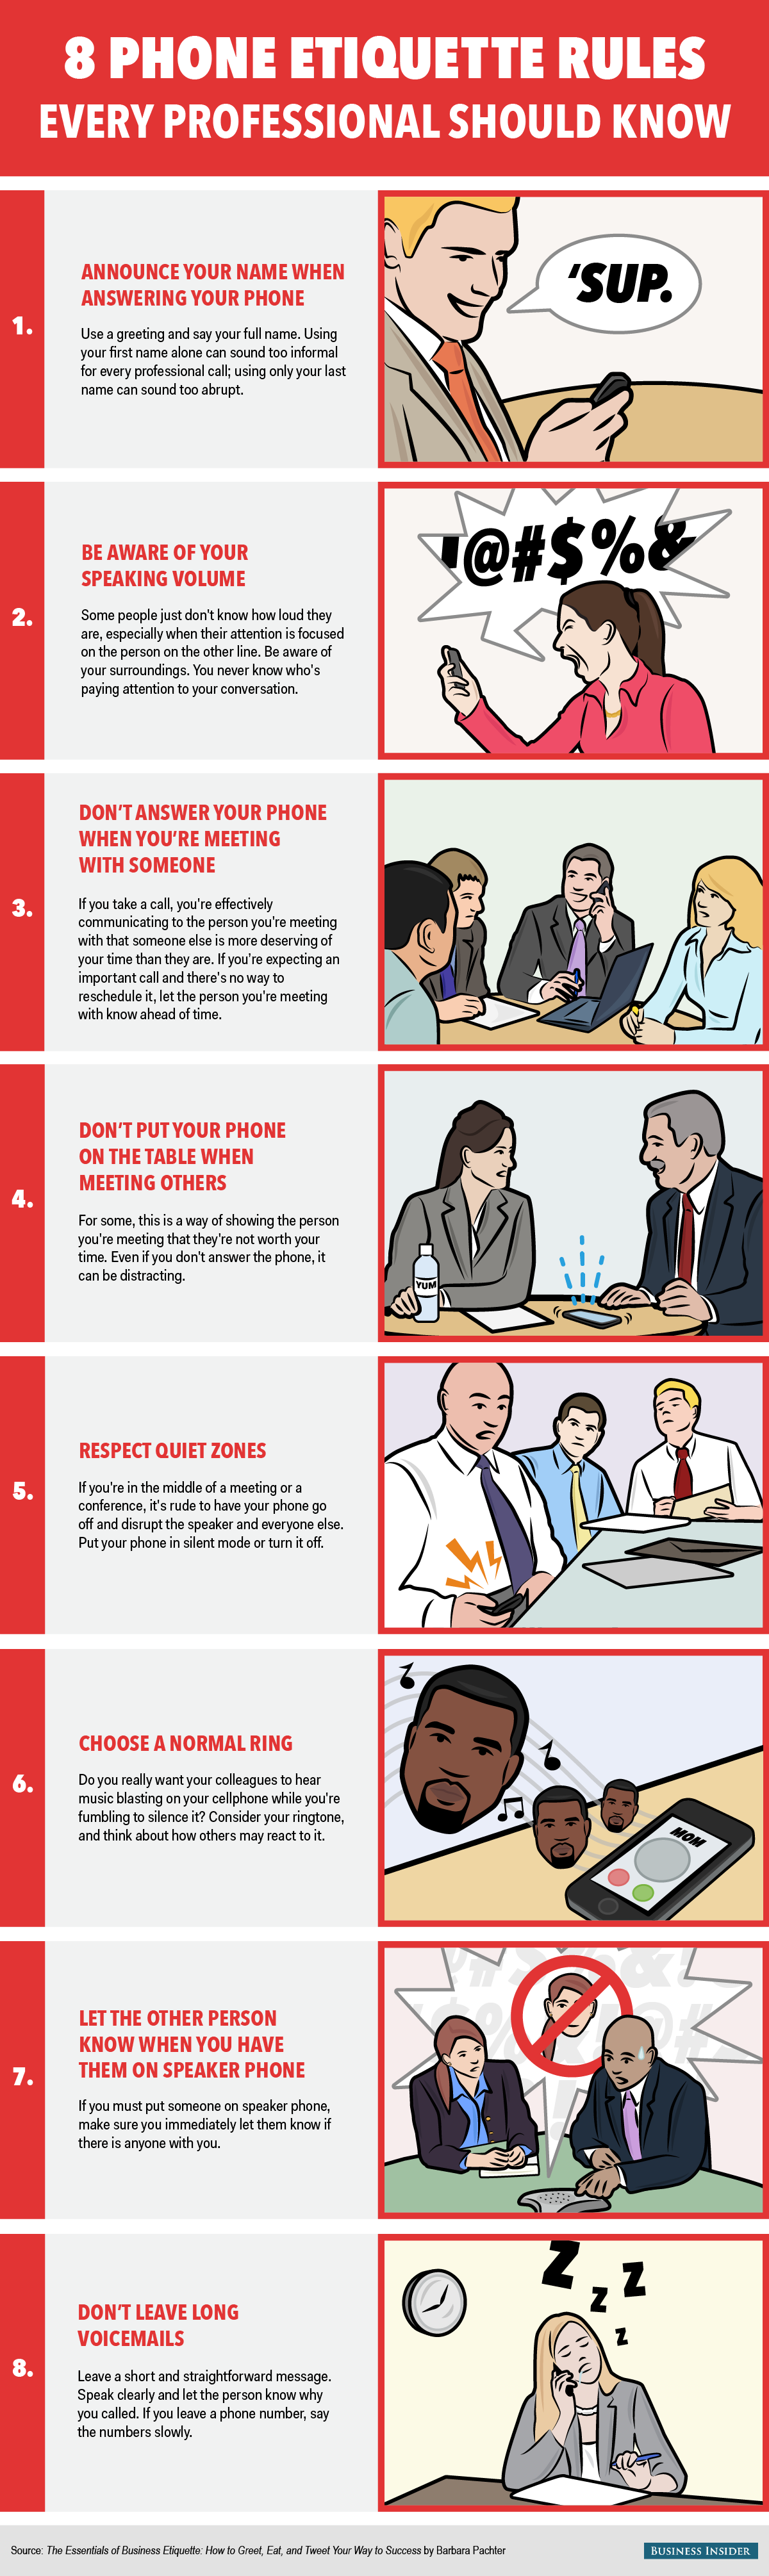 8 reglas de etiqueta para el uso de móviles que cualquier profesional debería conocer